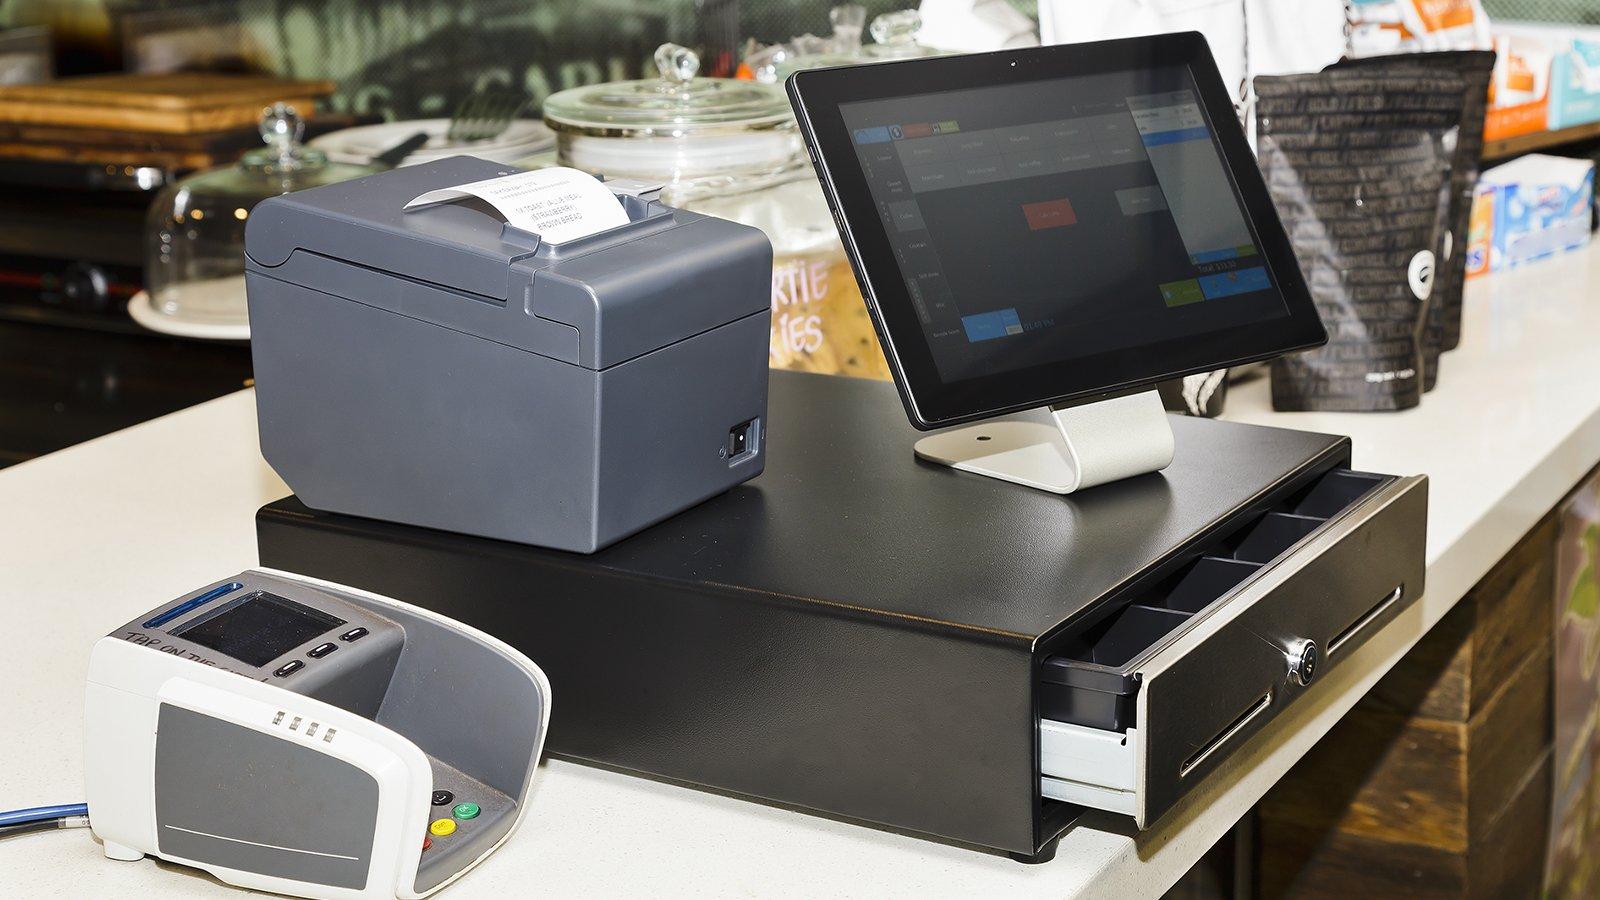 Un registratore di cassa elettronico con pos e macchinetta per scontrini